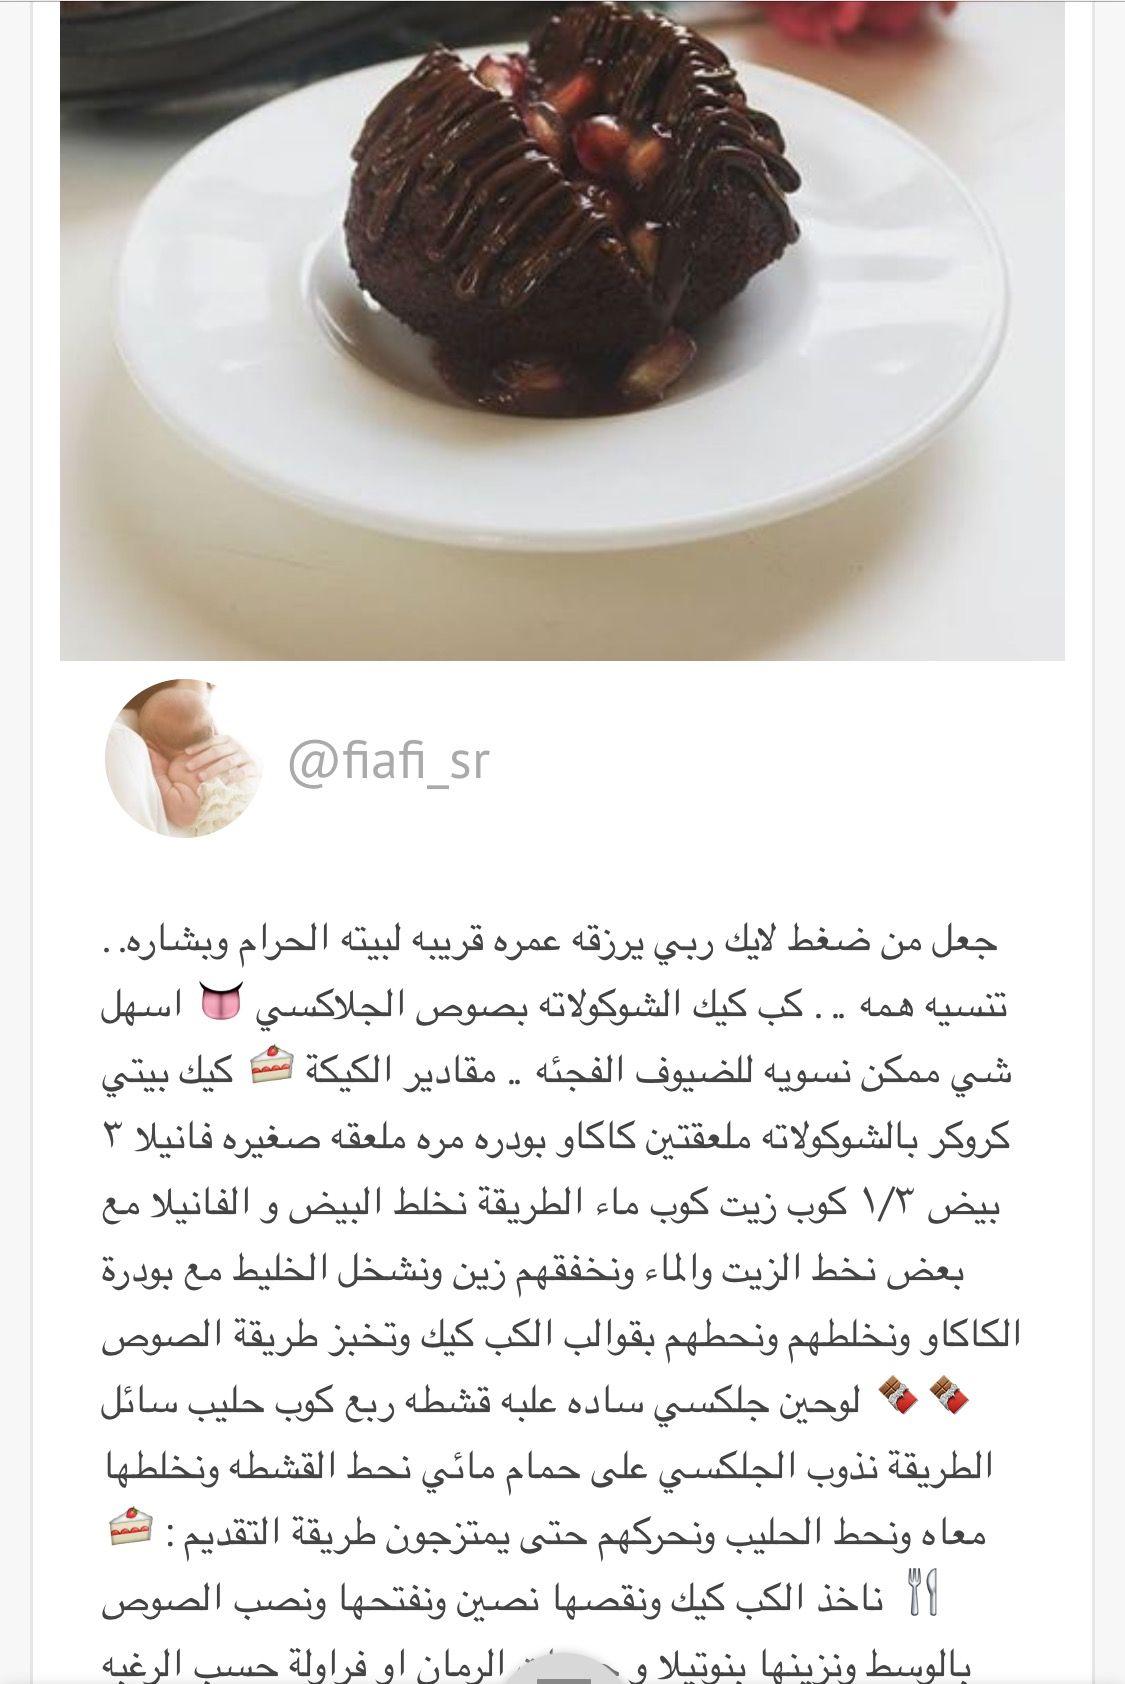 كب كيك الشوكولاته بصوص الجالكسي Desserts Chocolate Cake Food